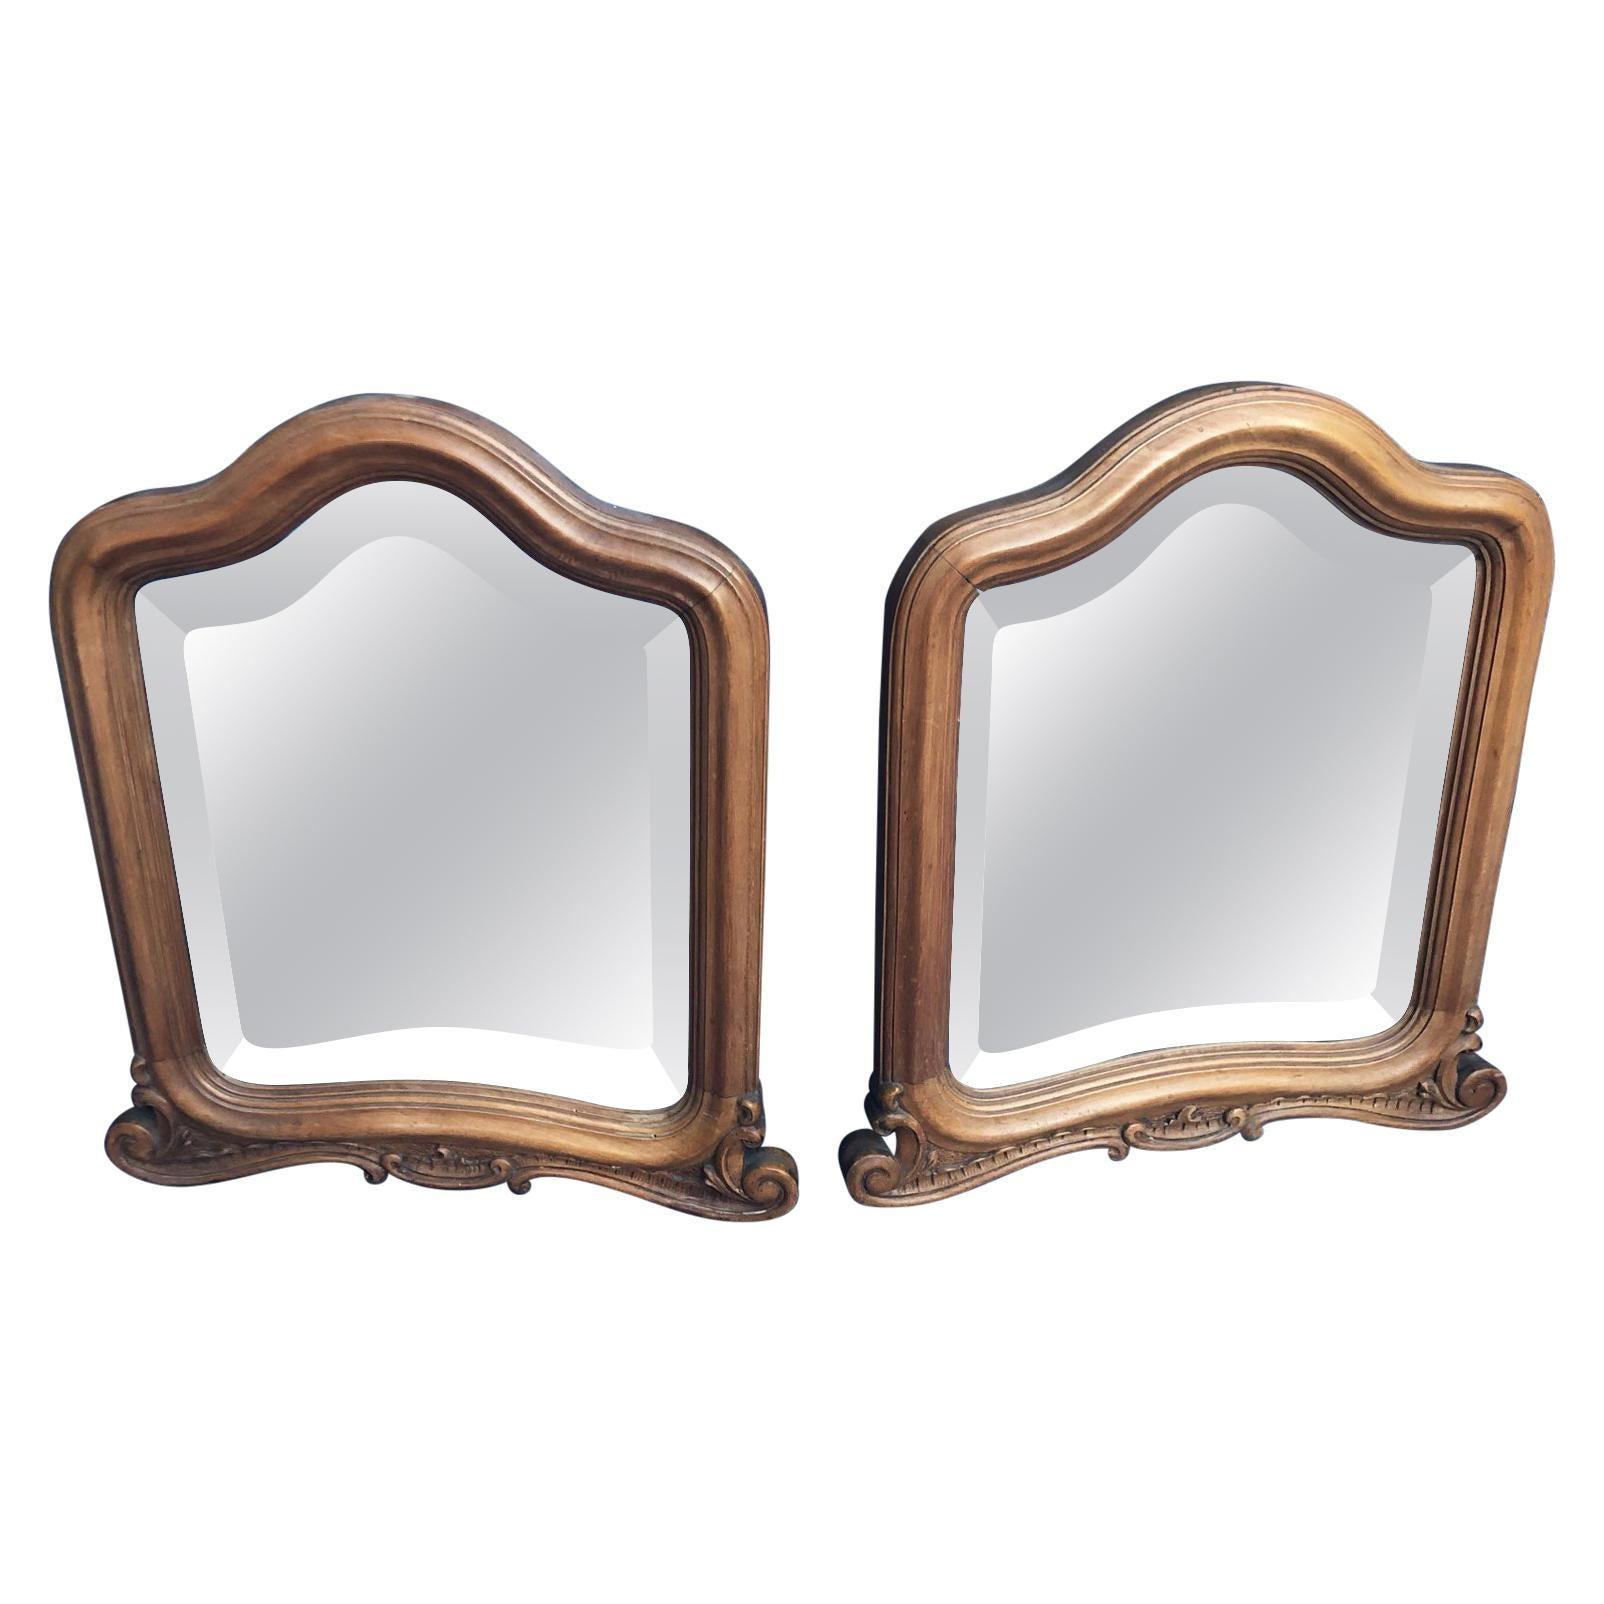 1880s Pair of Mirrors Walnut